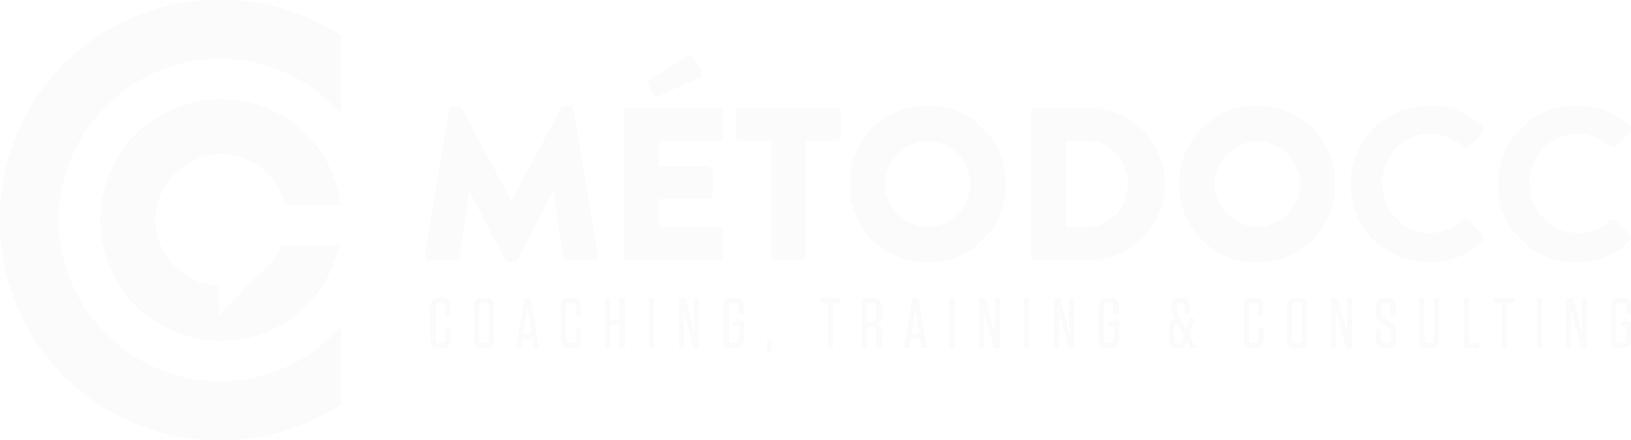 METODOCC